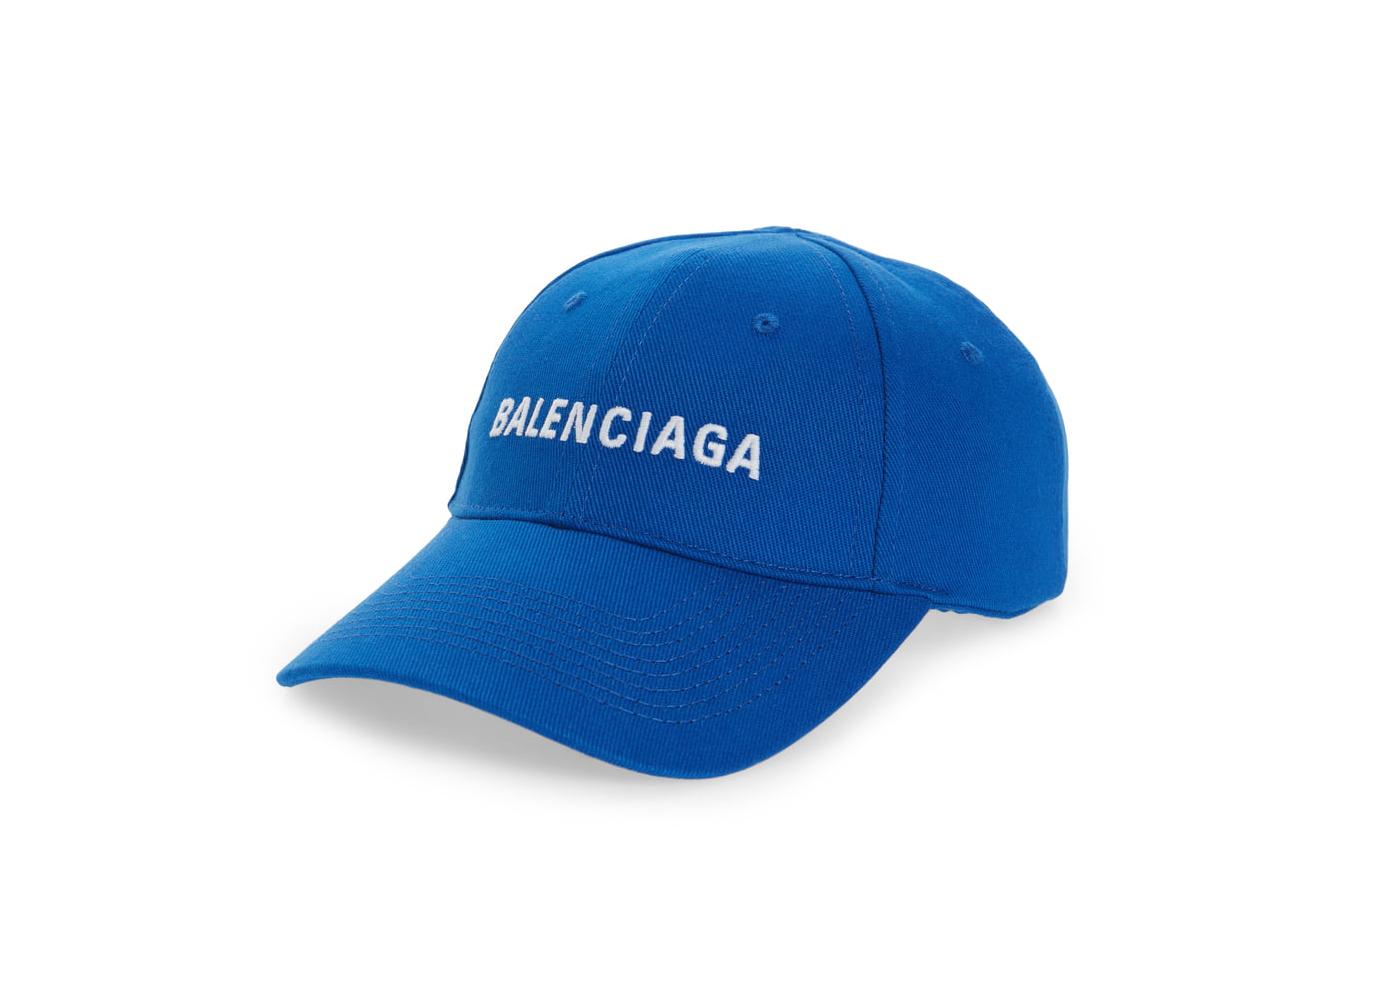 Balenciaga Classic Sea Baseball Cap